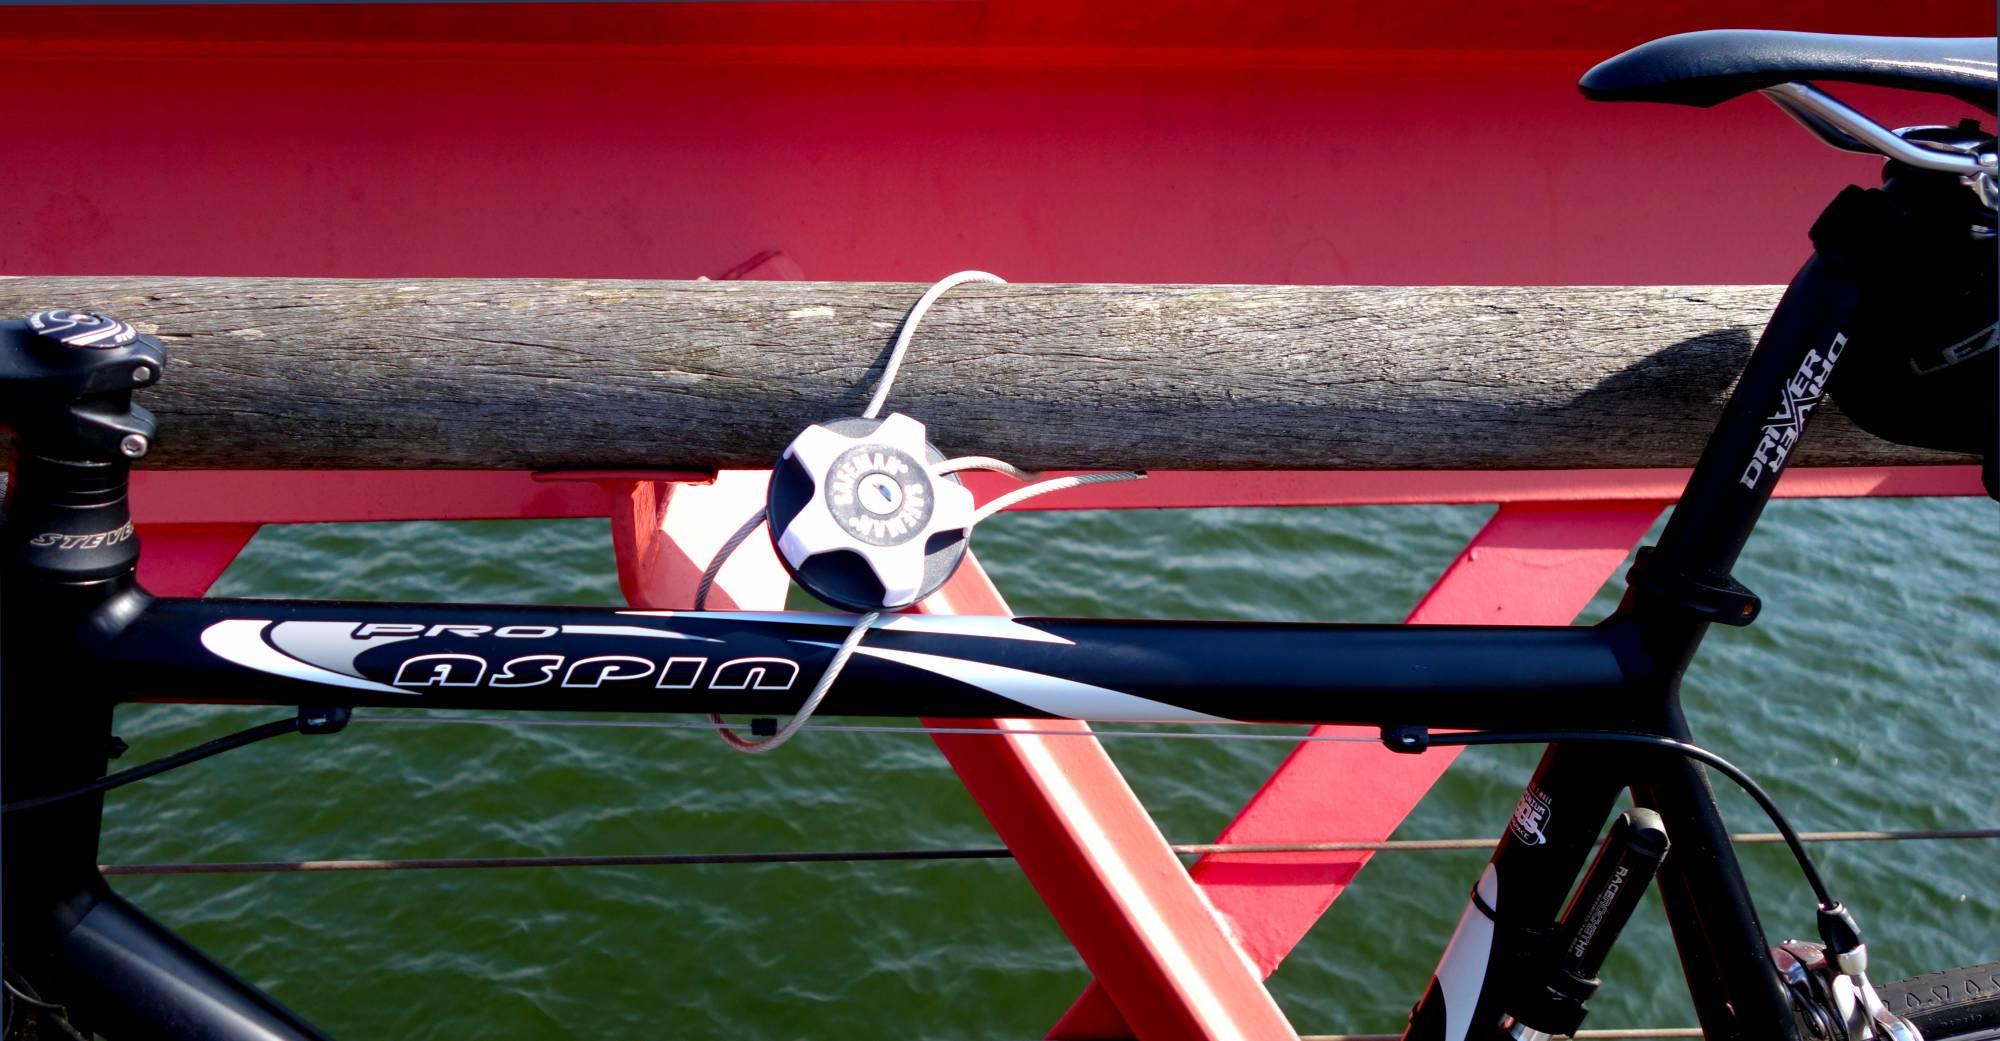 Door de unieke vlinderconstructie van het Safeman fietsslot , zet je eenvoudig je fiets vast aan een andere fiets of een vast object.